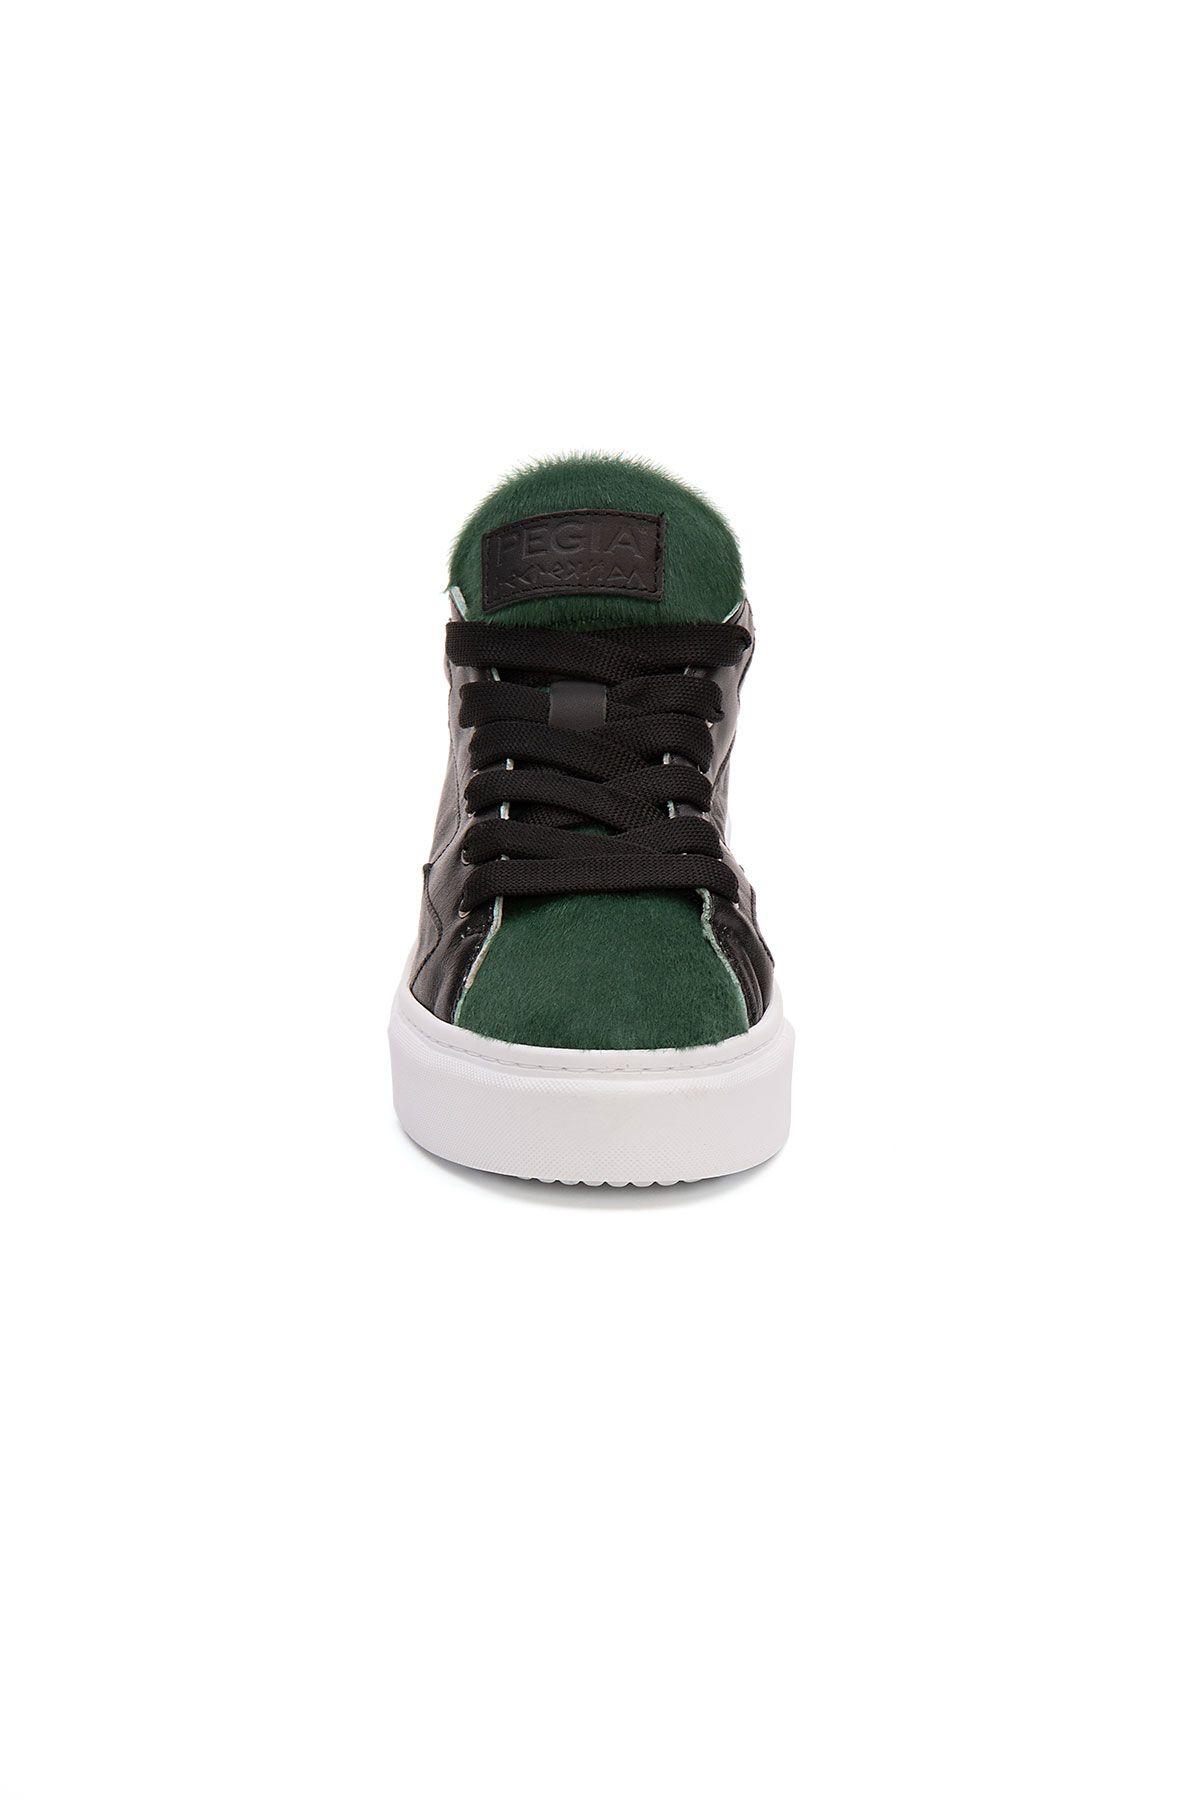 Pegia Genuine Leather Women's Sneaker LA1511 Green